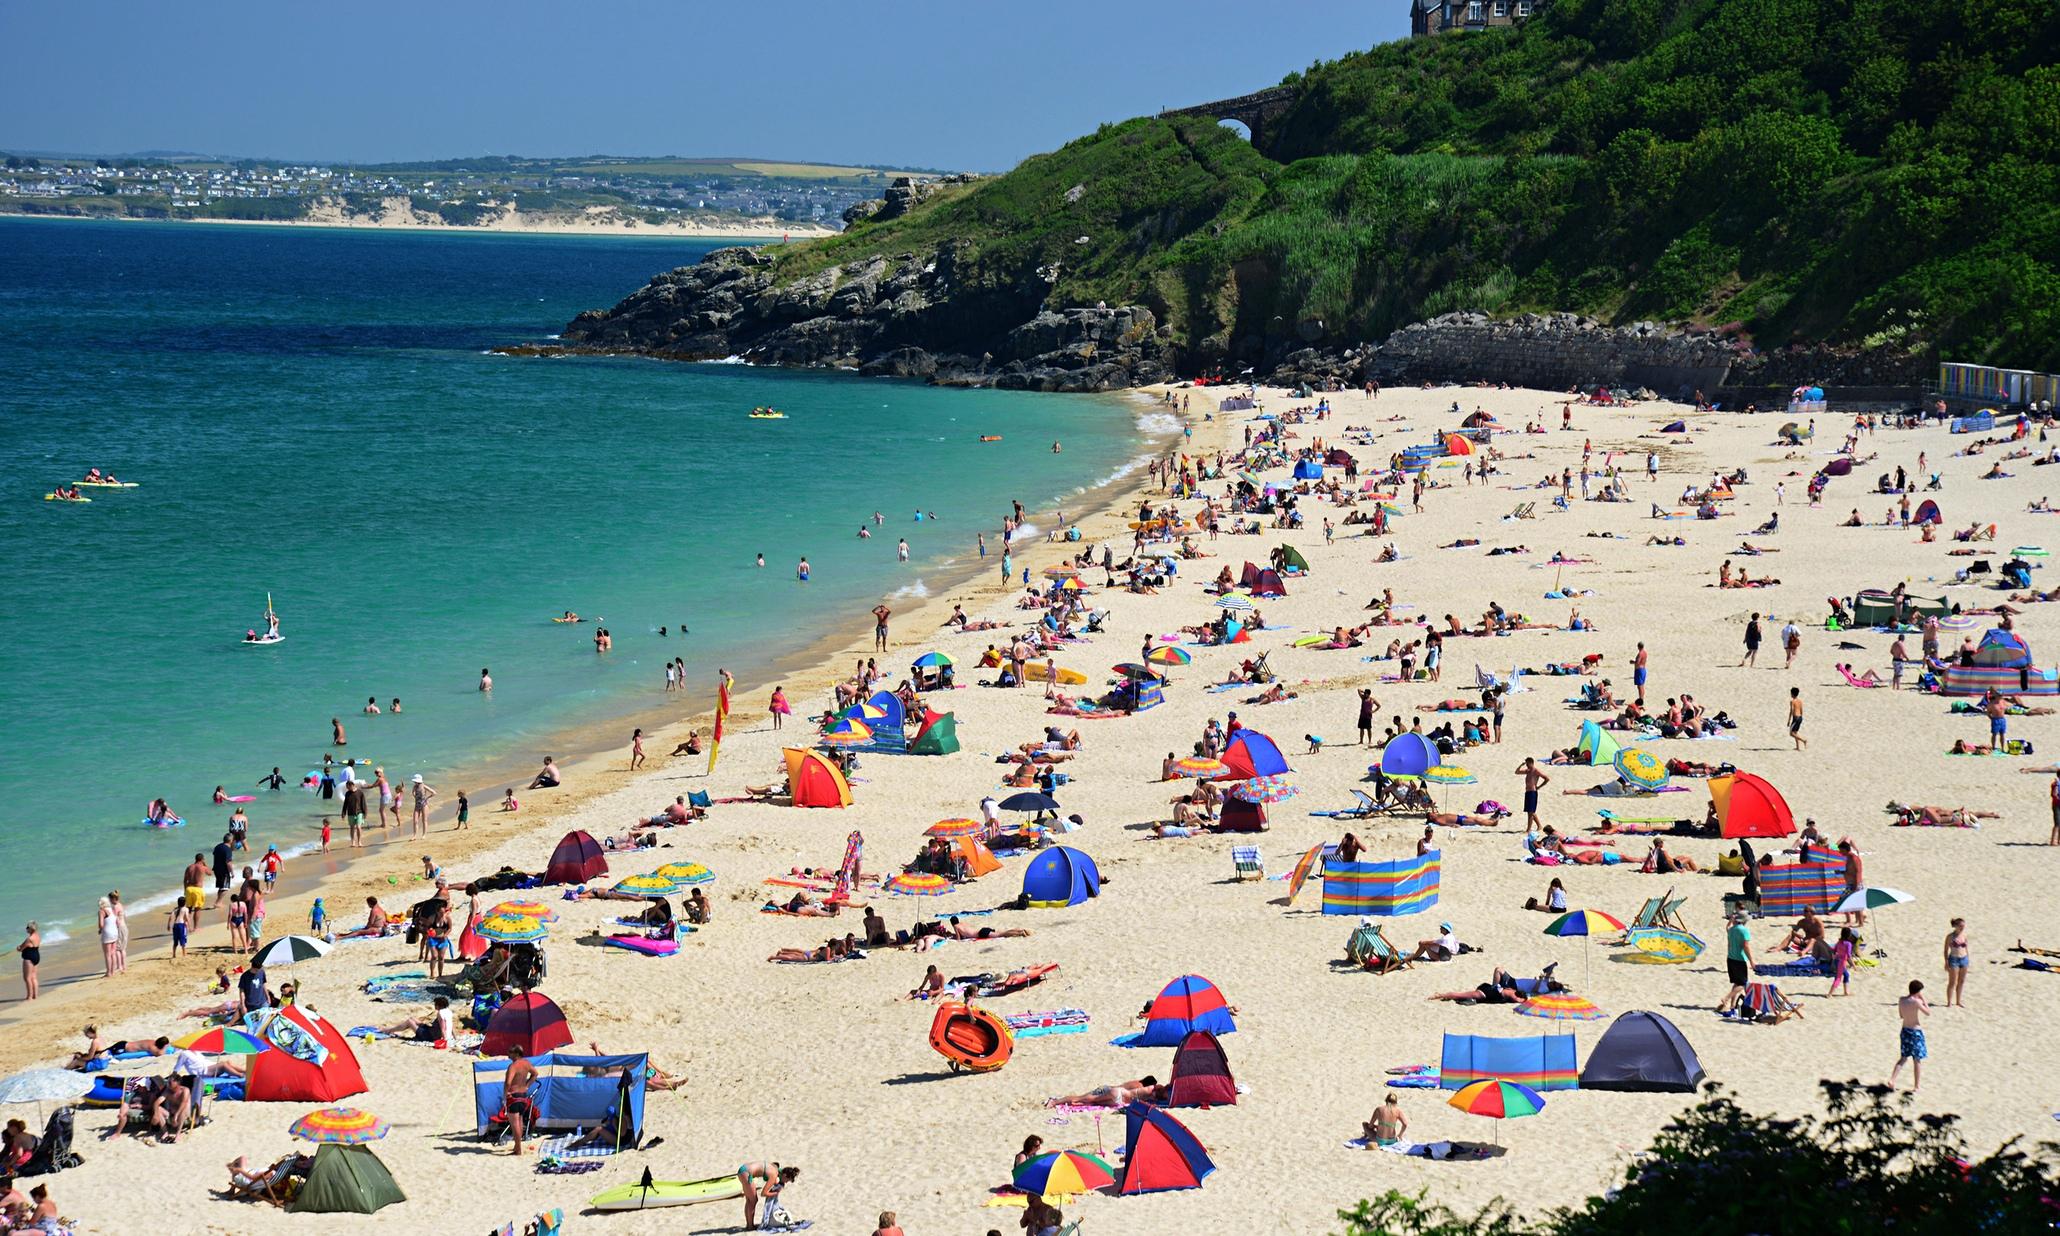 Playa barato vacaciones en el extranjero ofertas de for Fuera de vacaciones